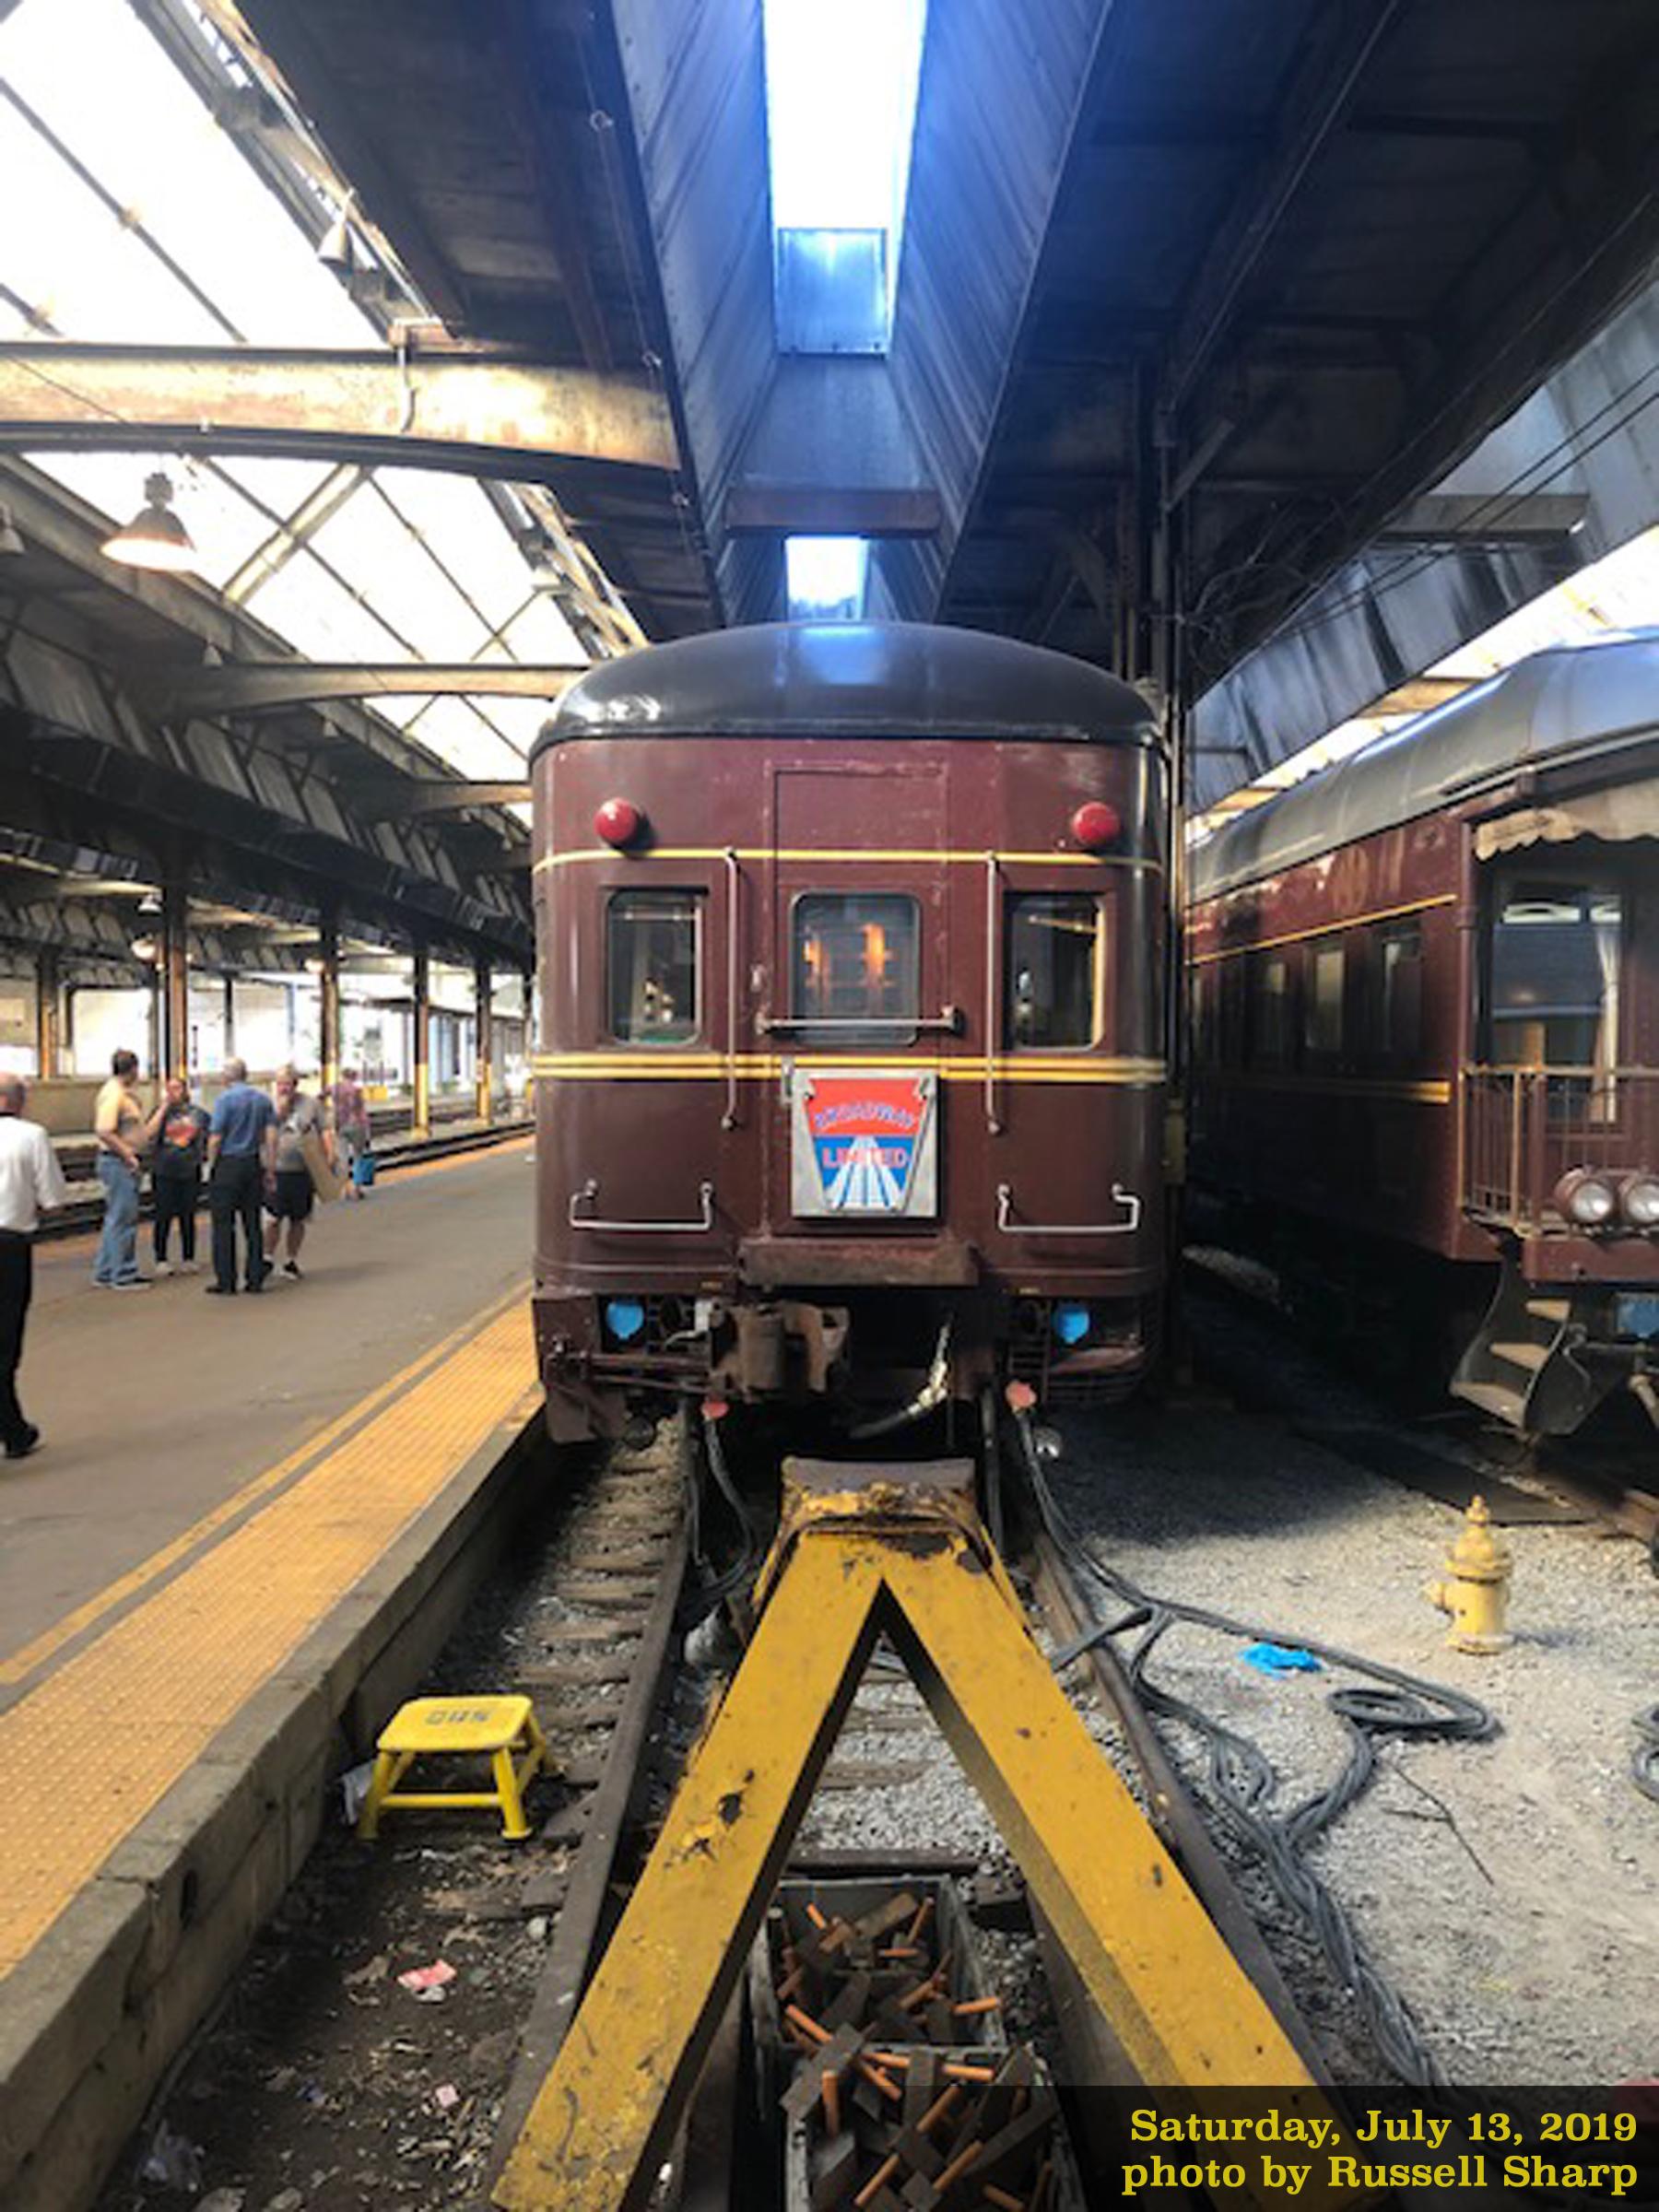 2019-07-13_02_FrankThomson_PittsburghPA_RussellSharp.jpg